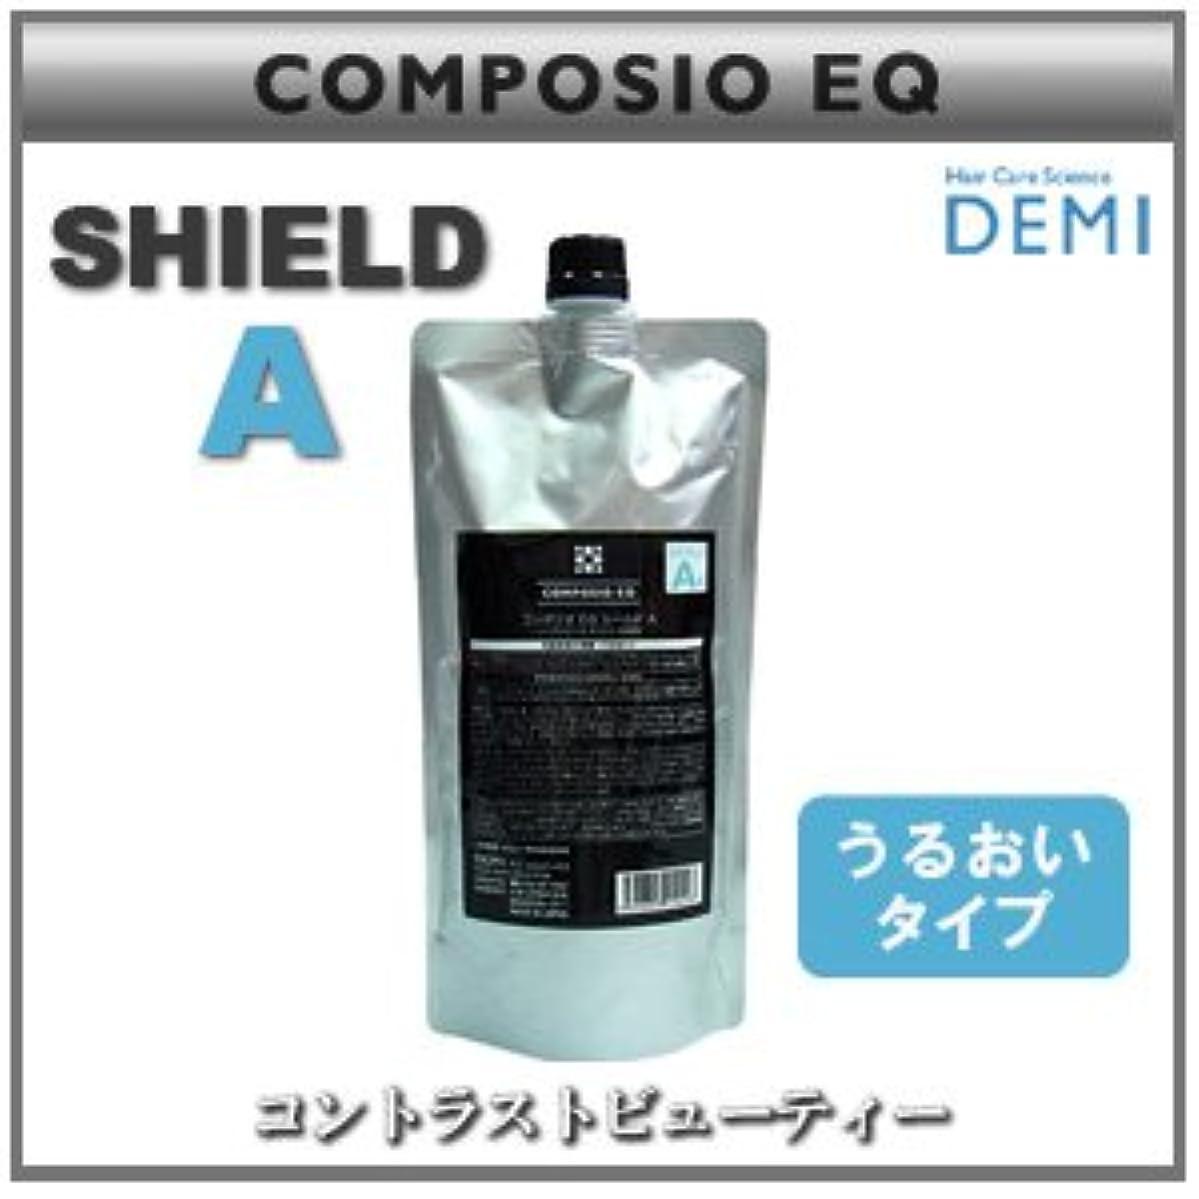 略すキルス腐食する【x3個セット】 デミ コンポジオ EQ シールド A 450g